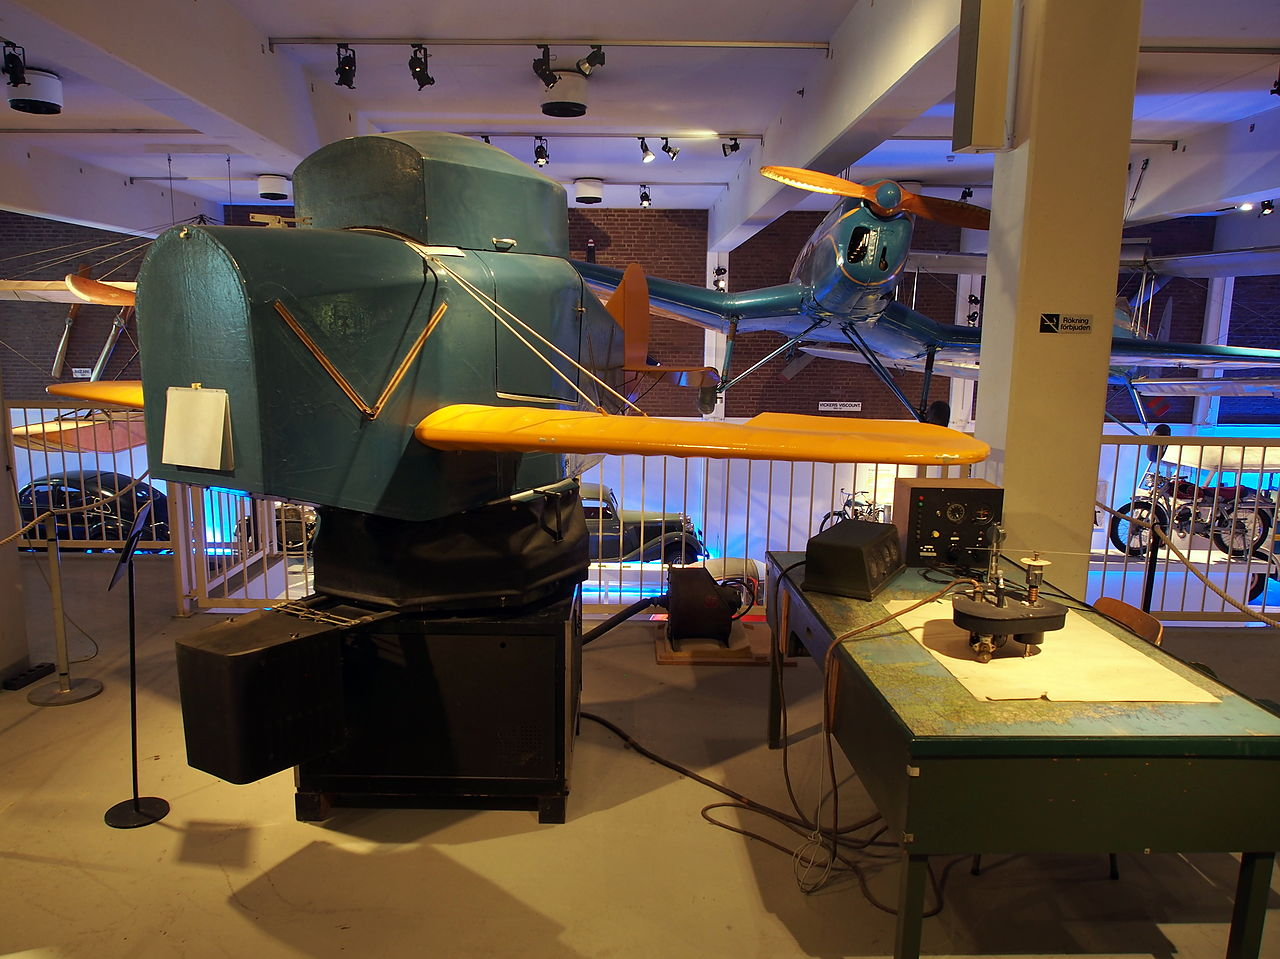 File:Link trainer flight simulator Teknikens och Sjöfartens hus